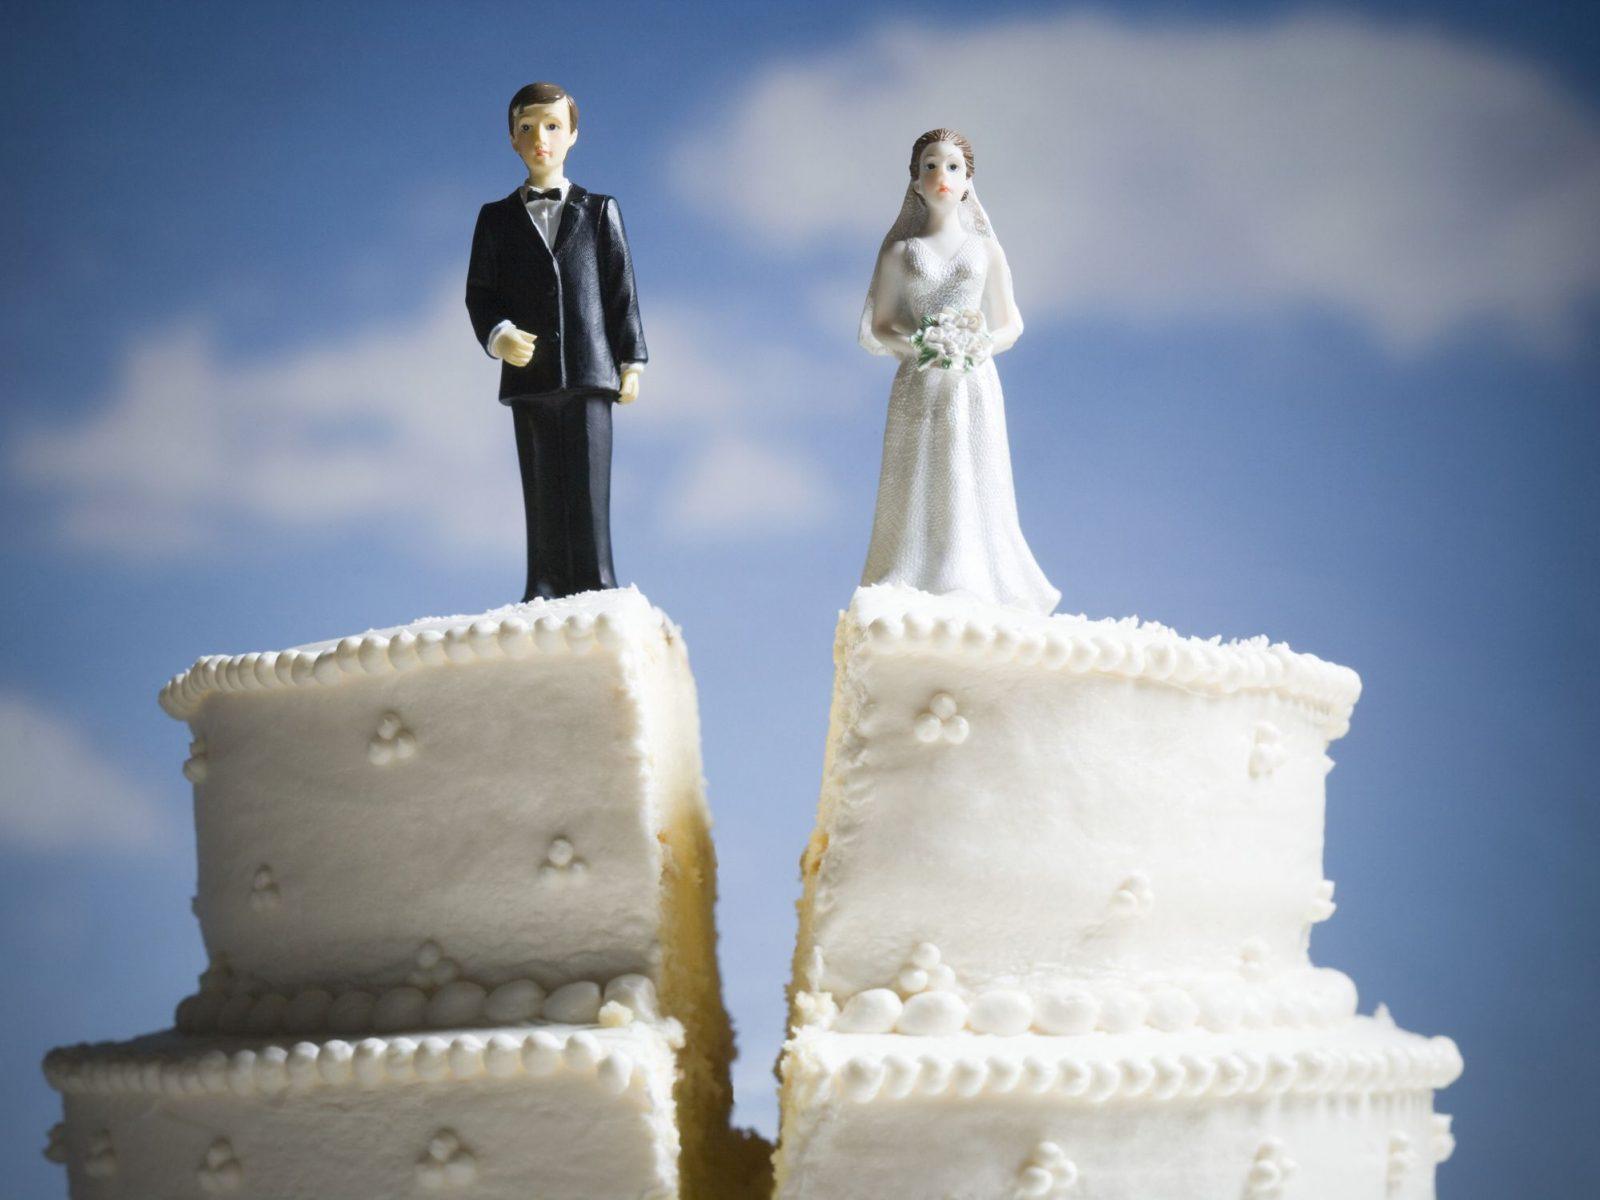 Αποτυχία-αίσθημα: Αισθάνεσαι αποτυχημένη μετά από ένα διαζύγιο